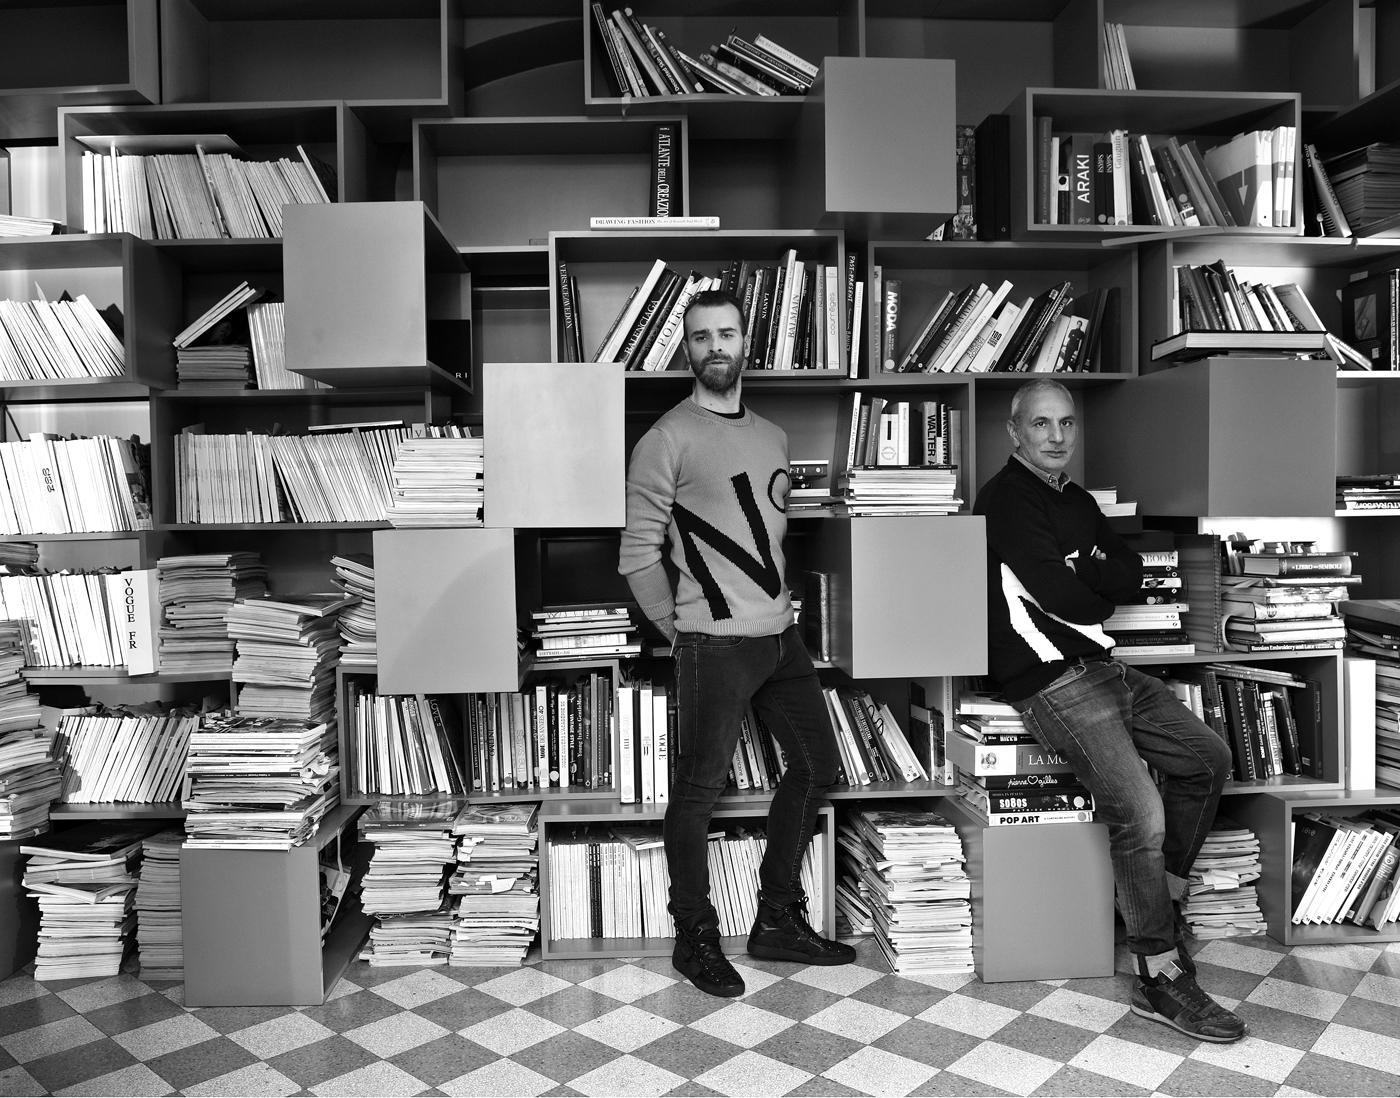 Ufficio Stile Moda : La casa n°21 alessandro dellacqua icarius